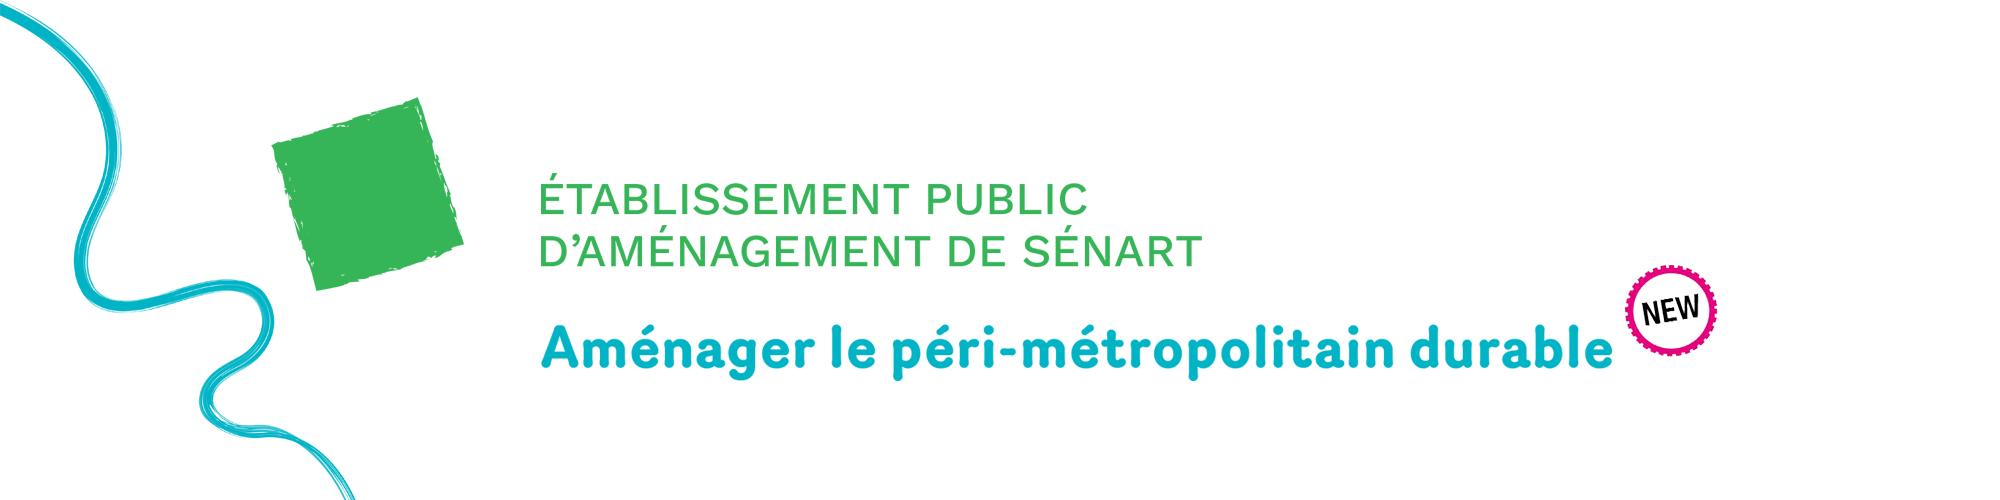 rapport développement durable